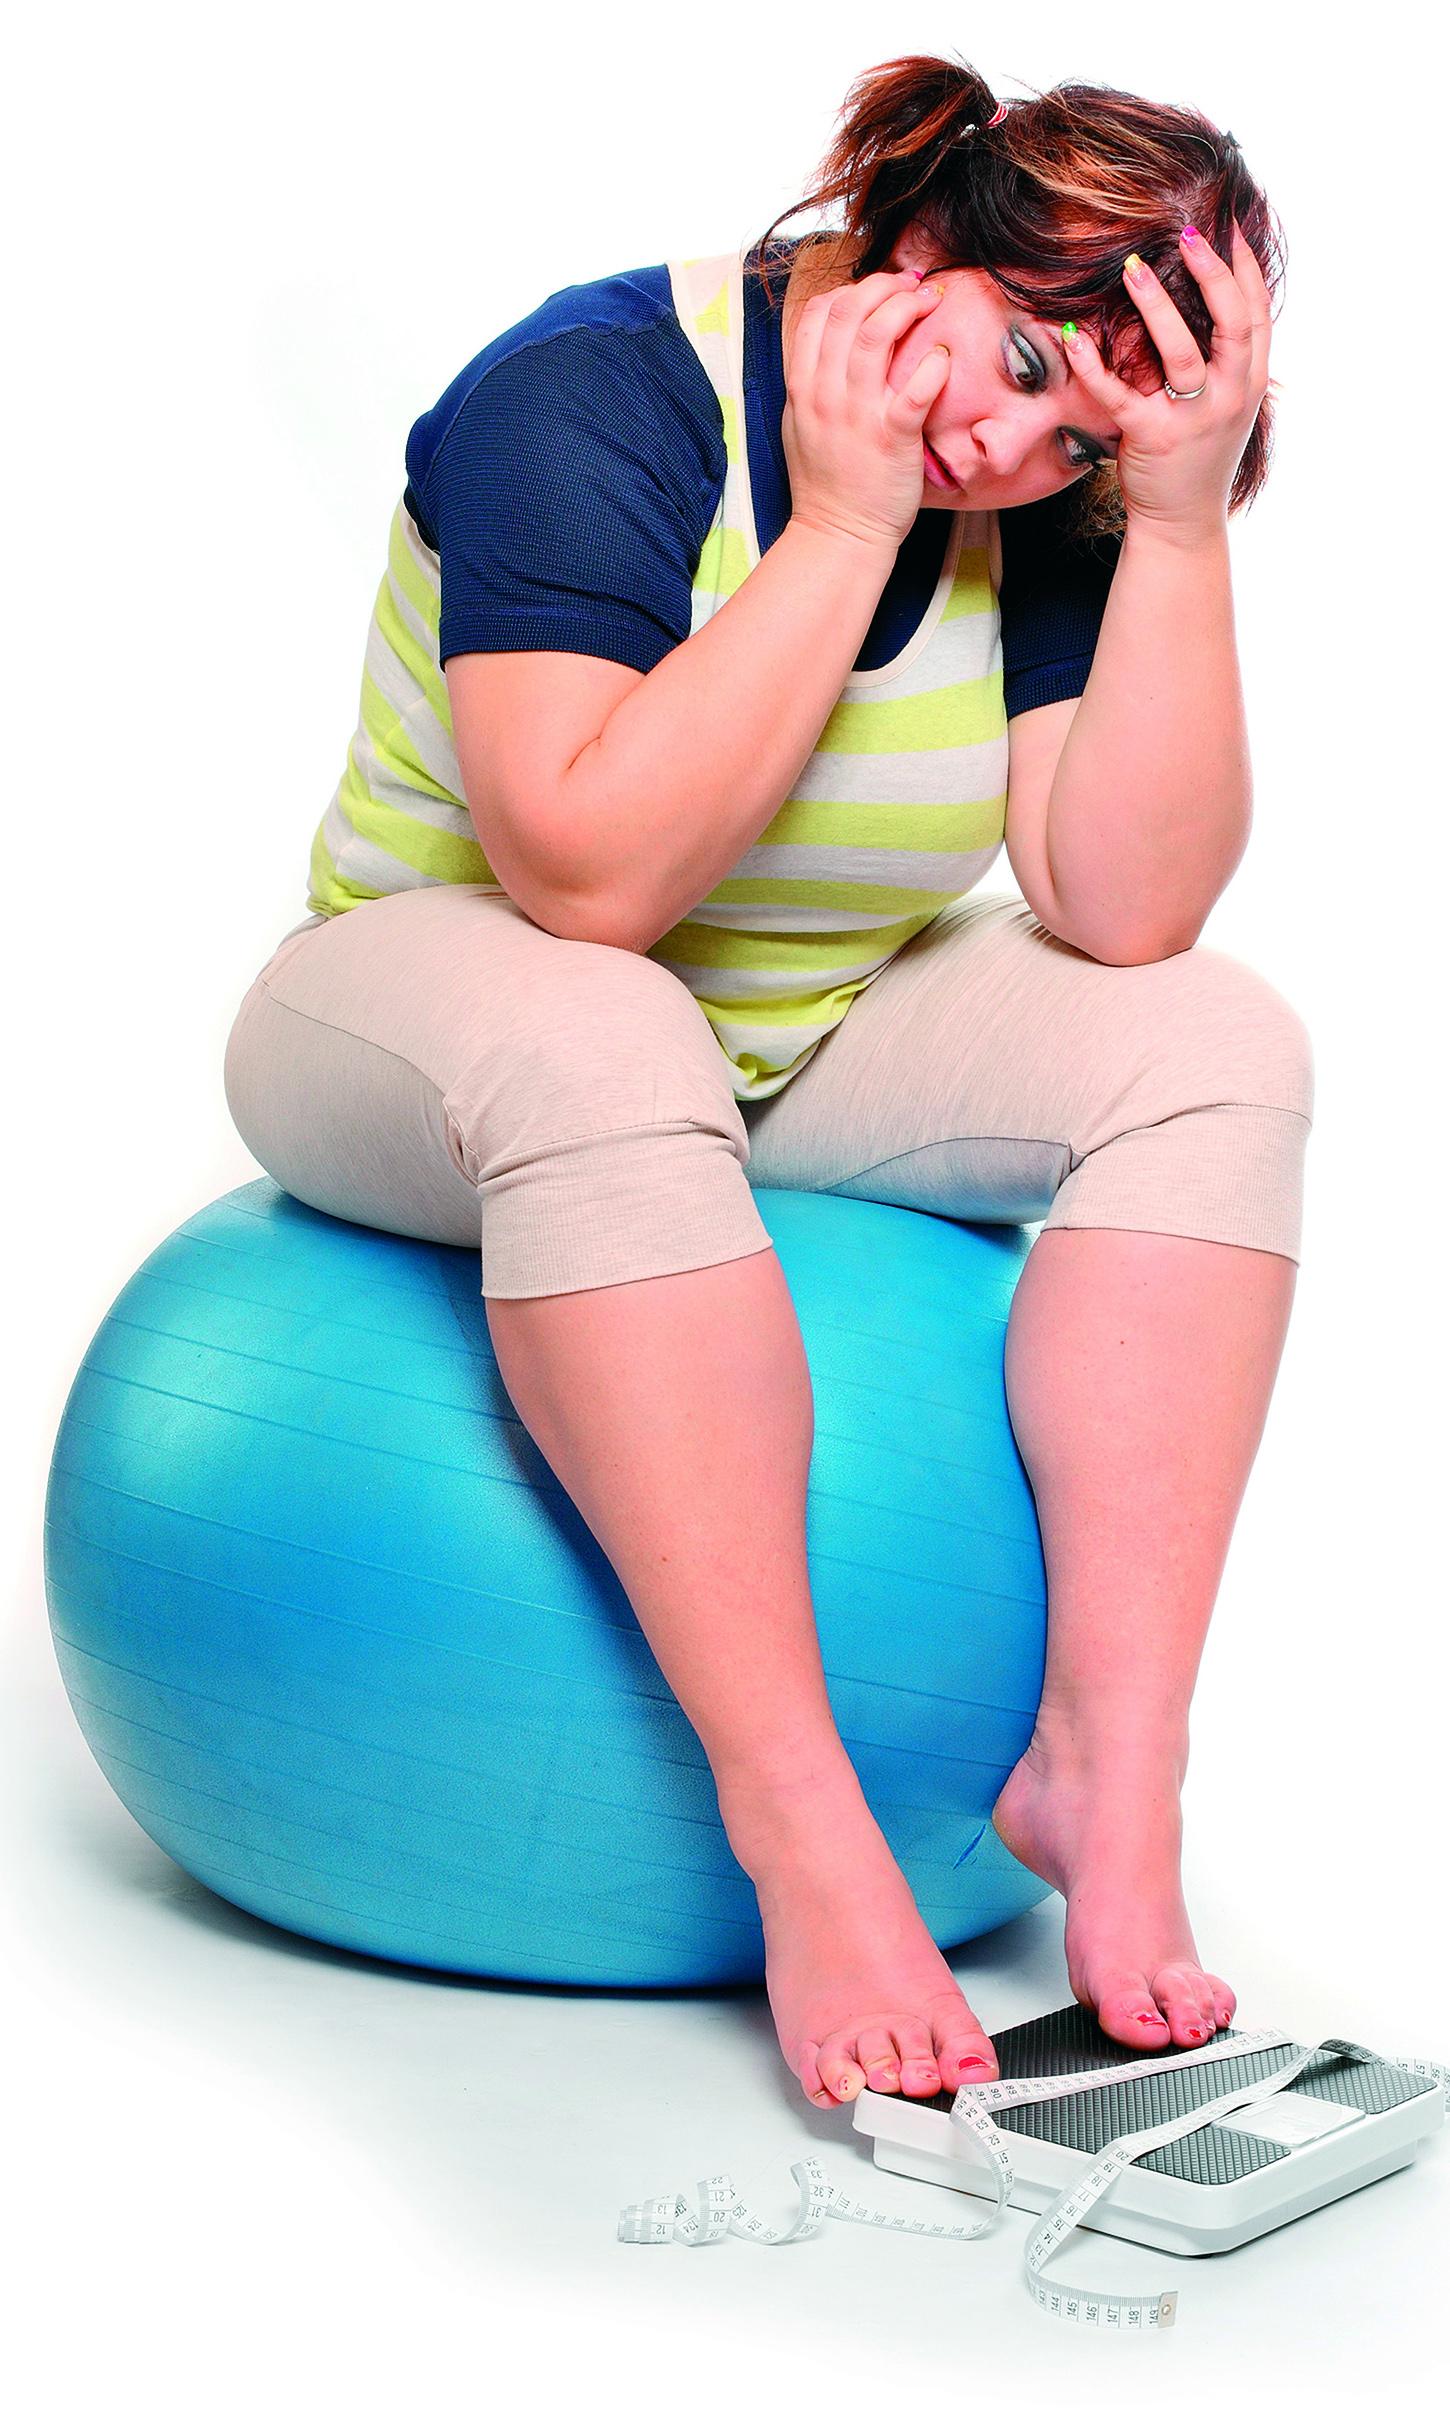 Сбросить Вес При Гормональном Сбое. Гормональный вес — что это такое и как сбросить, не рискуя здоровьем